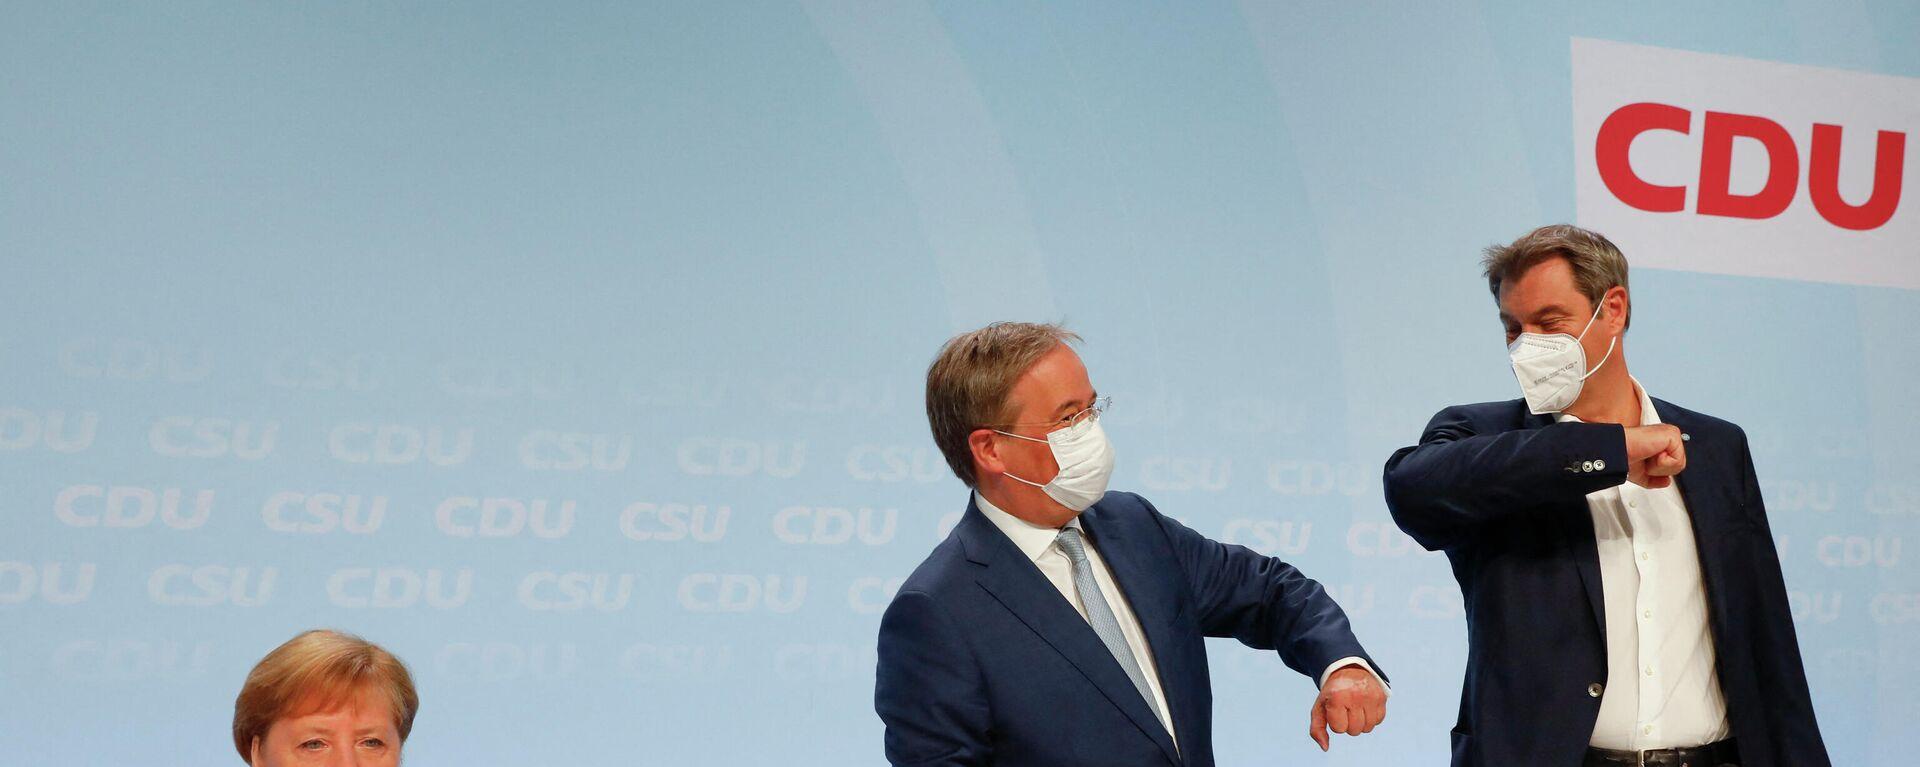 Bundeskanzlerin Angela Merkel, Vorsitzender der CDU Armin Laschet und der CSU-Chef Markus Söder bei der Sitzung der Union am Montag in Berlin. - SNA, 1920, 21.06.2021